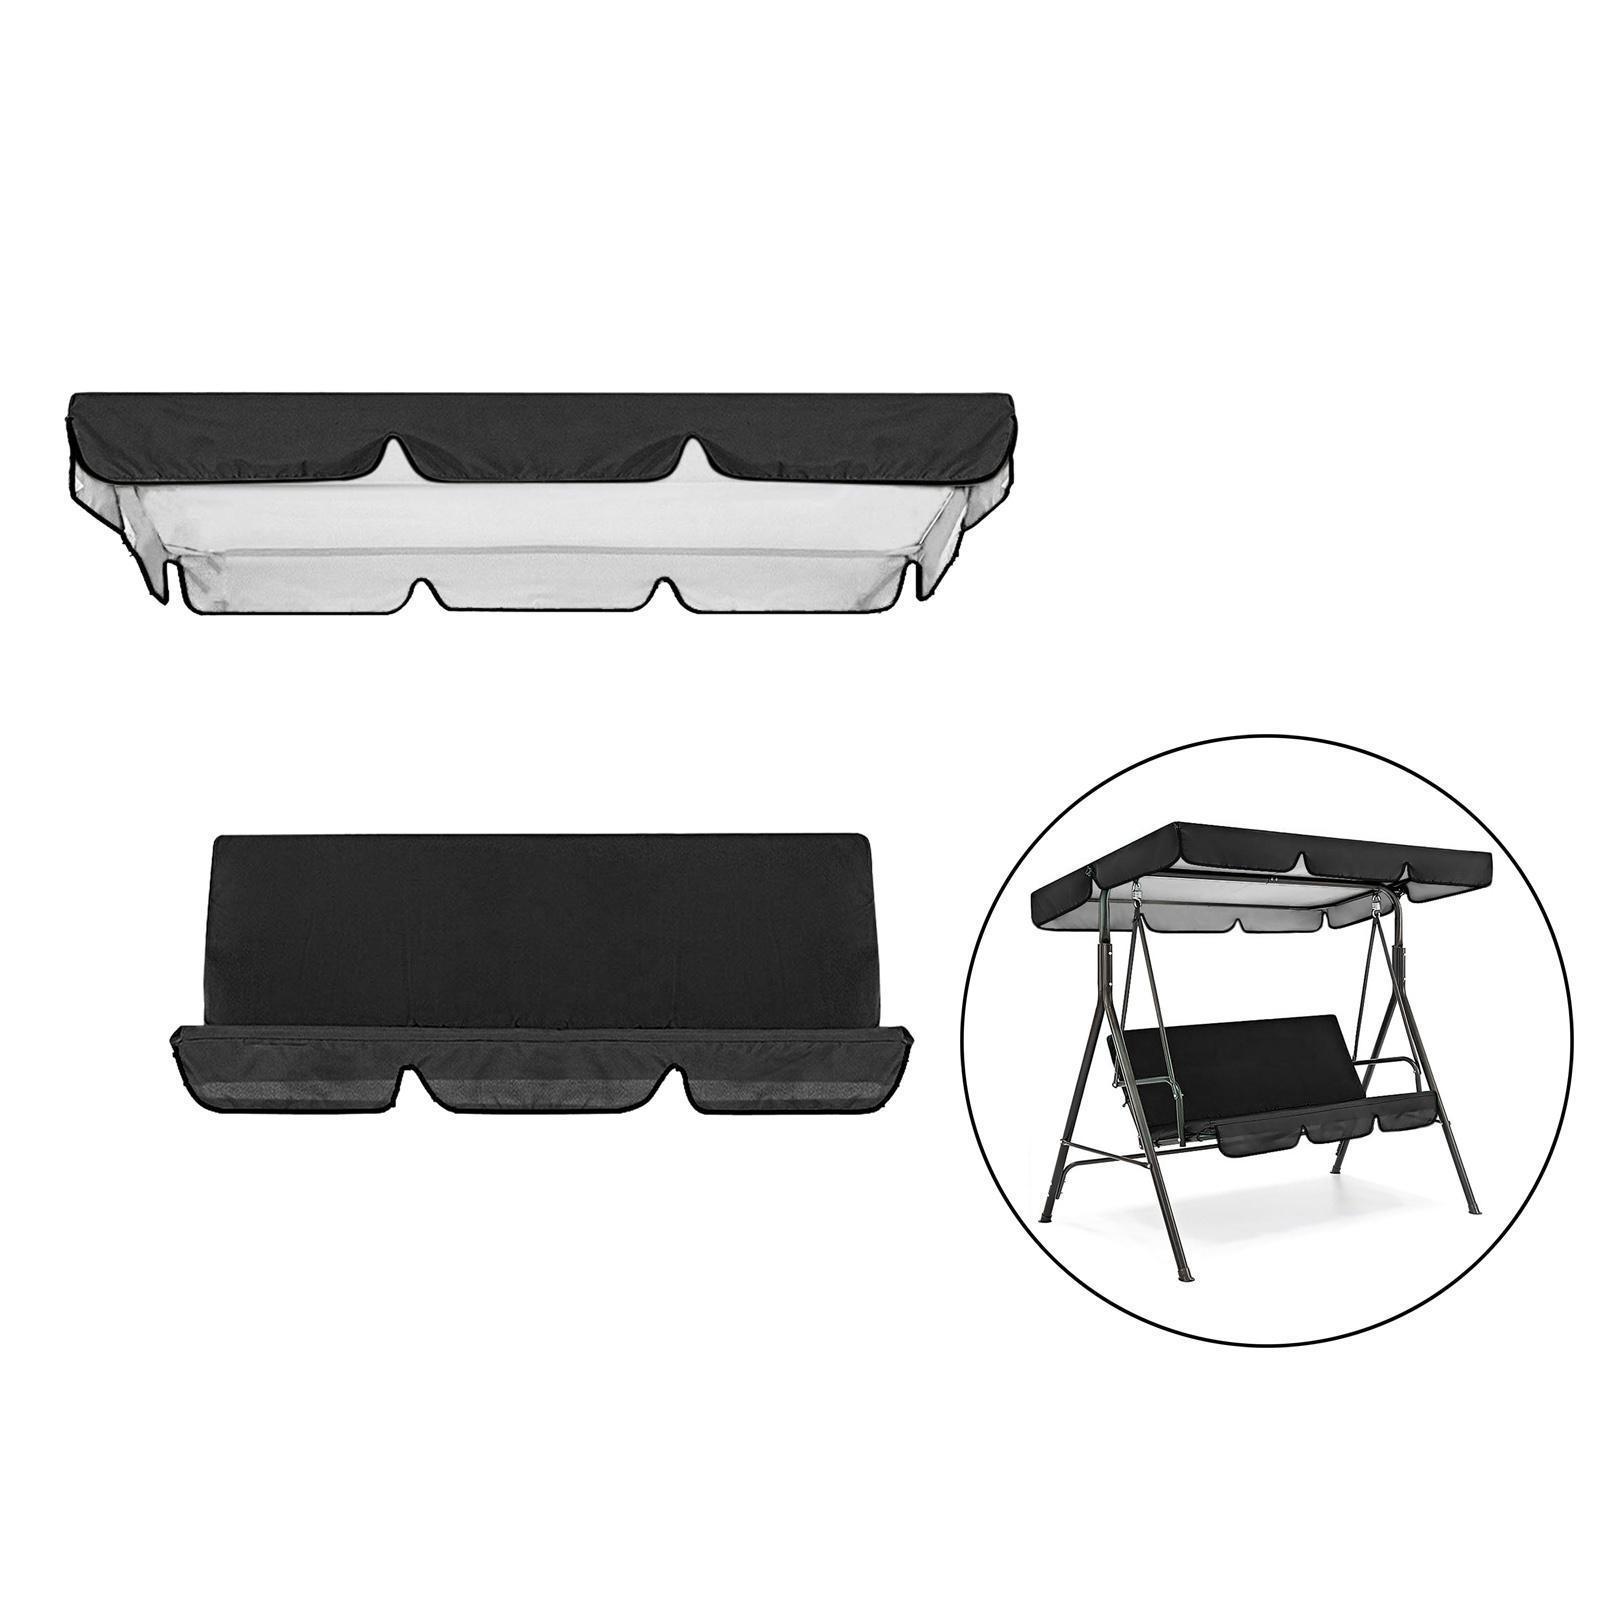 miniatura 48 - Sostituzione della copertura della sedia a dondolo da esterno per patio,